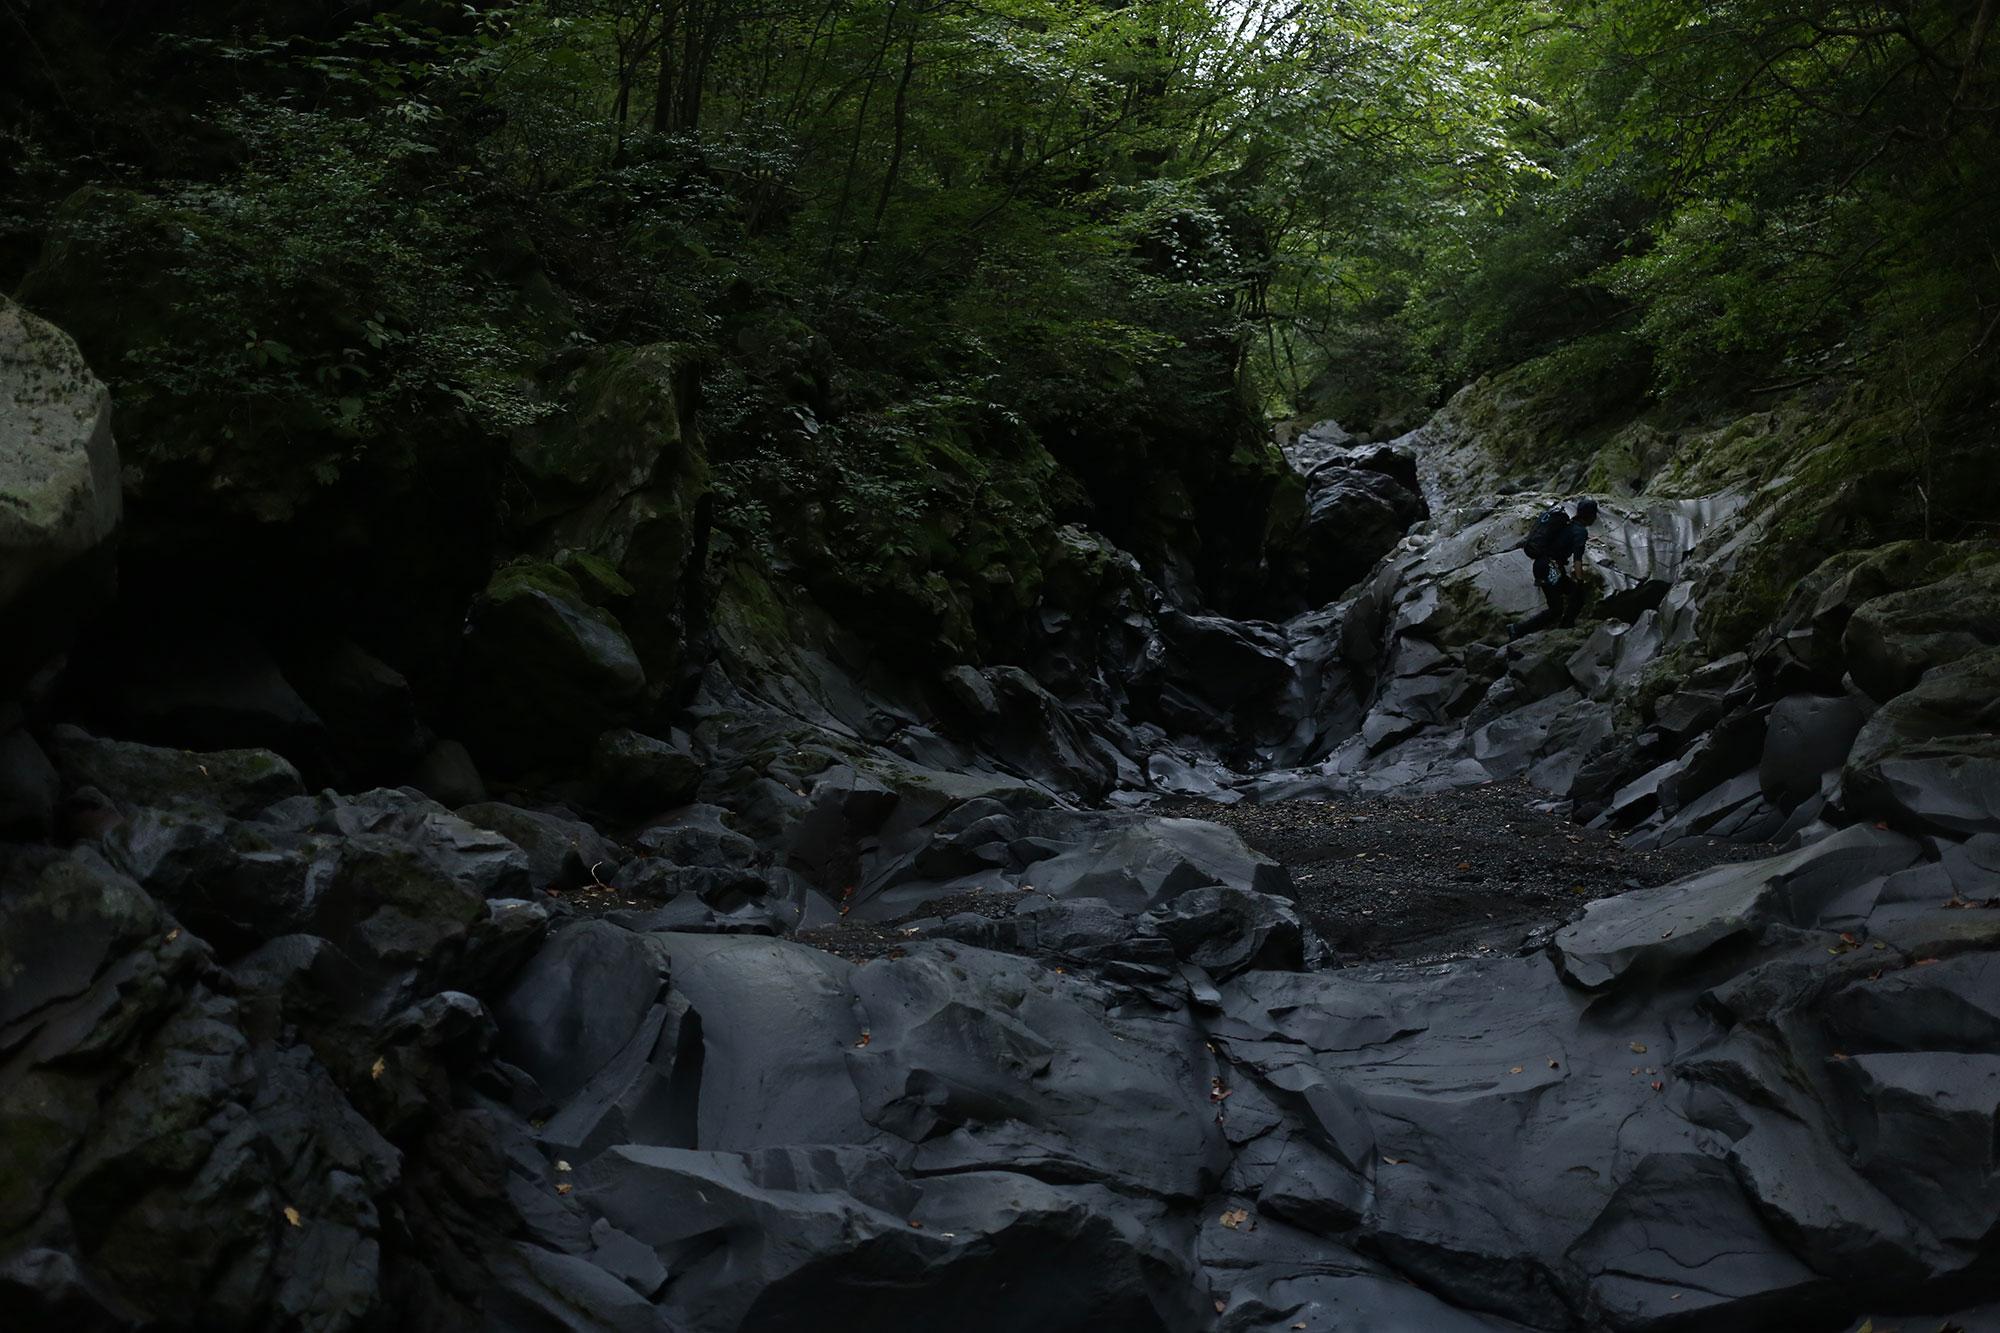 どこまでも続く溶岩流が作り出した造形